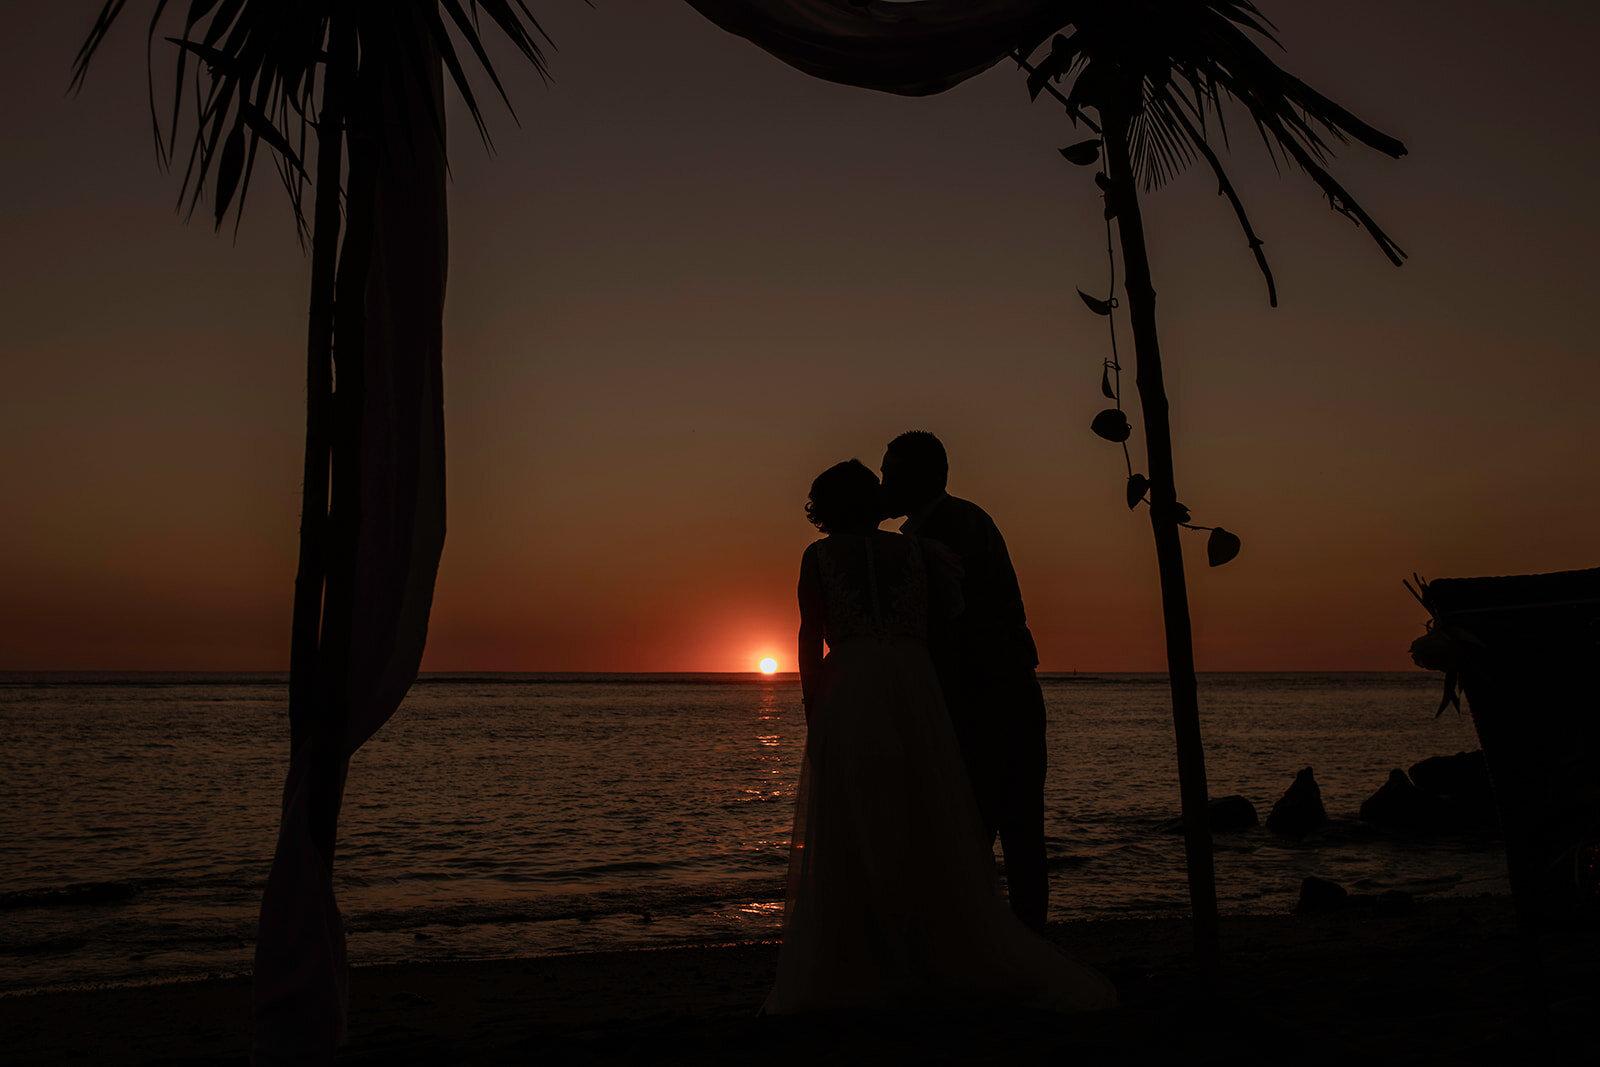 Organisation renouvellement des voeux A et S _ MRevenement wedding planner à la Réunion (11).jpg